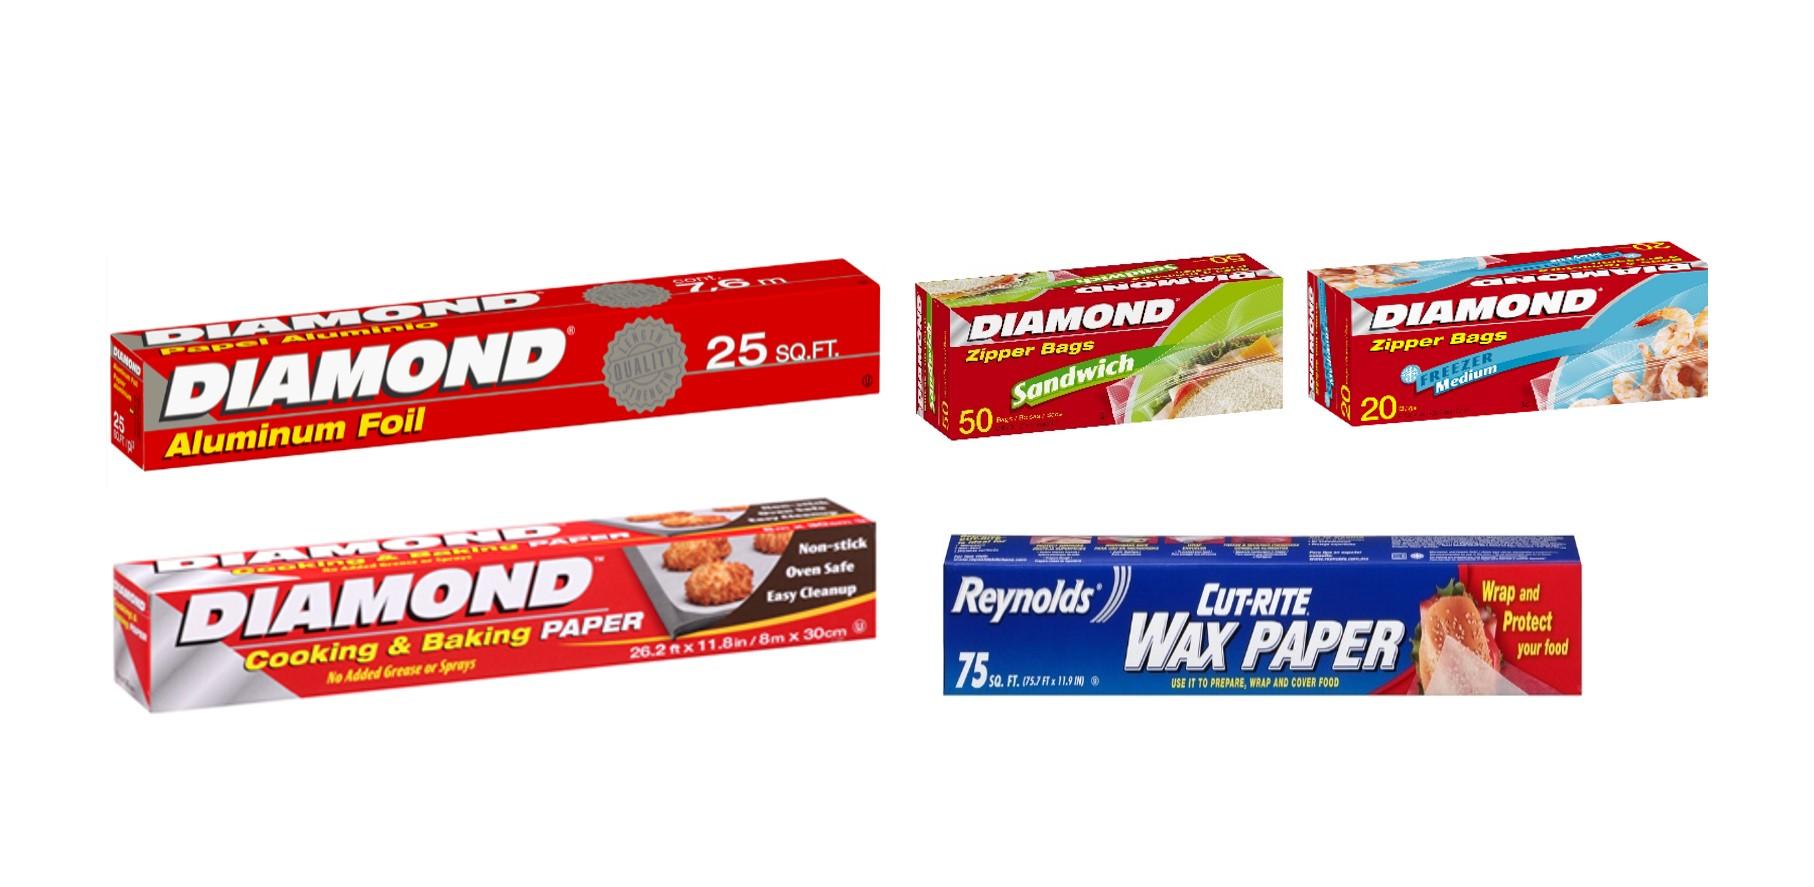 ดีเคเอสเอช มอบผลิตภัณฑ์จาก Reynolds Consumer Products เพื่ออำนวยความสะดวกในครัวเรือนแก่ผู้บริโภคชาวไทย